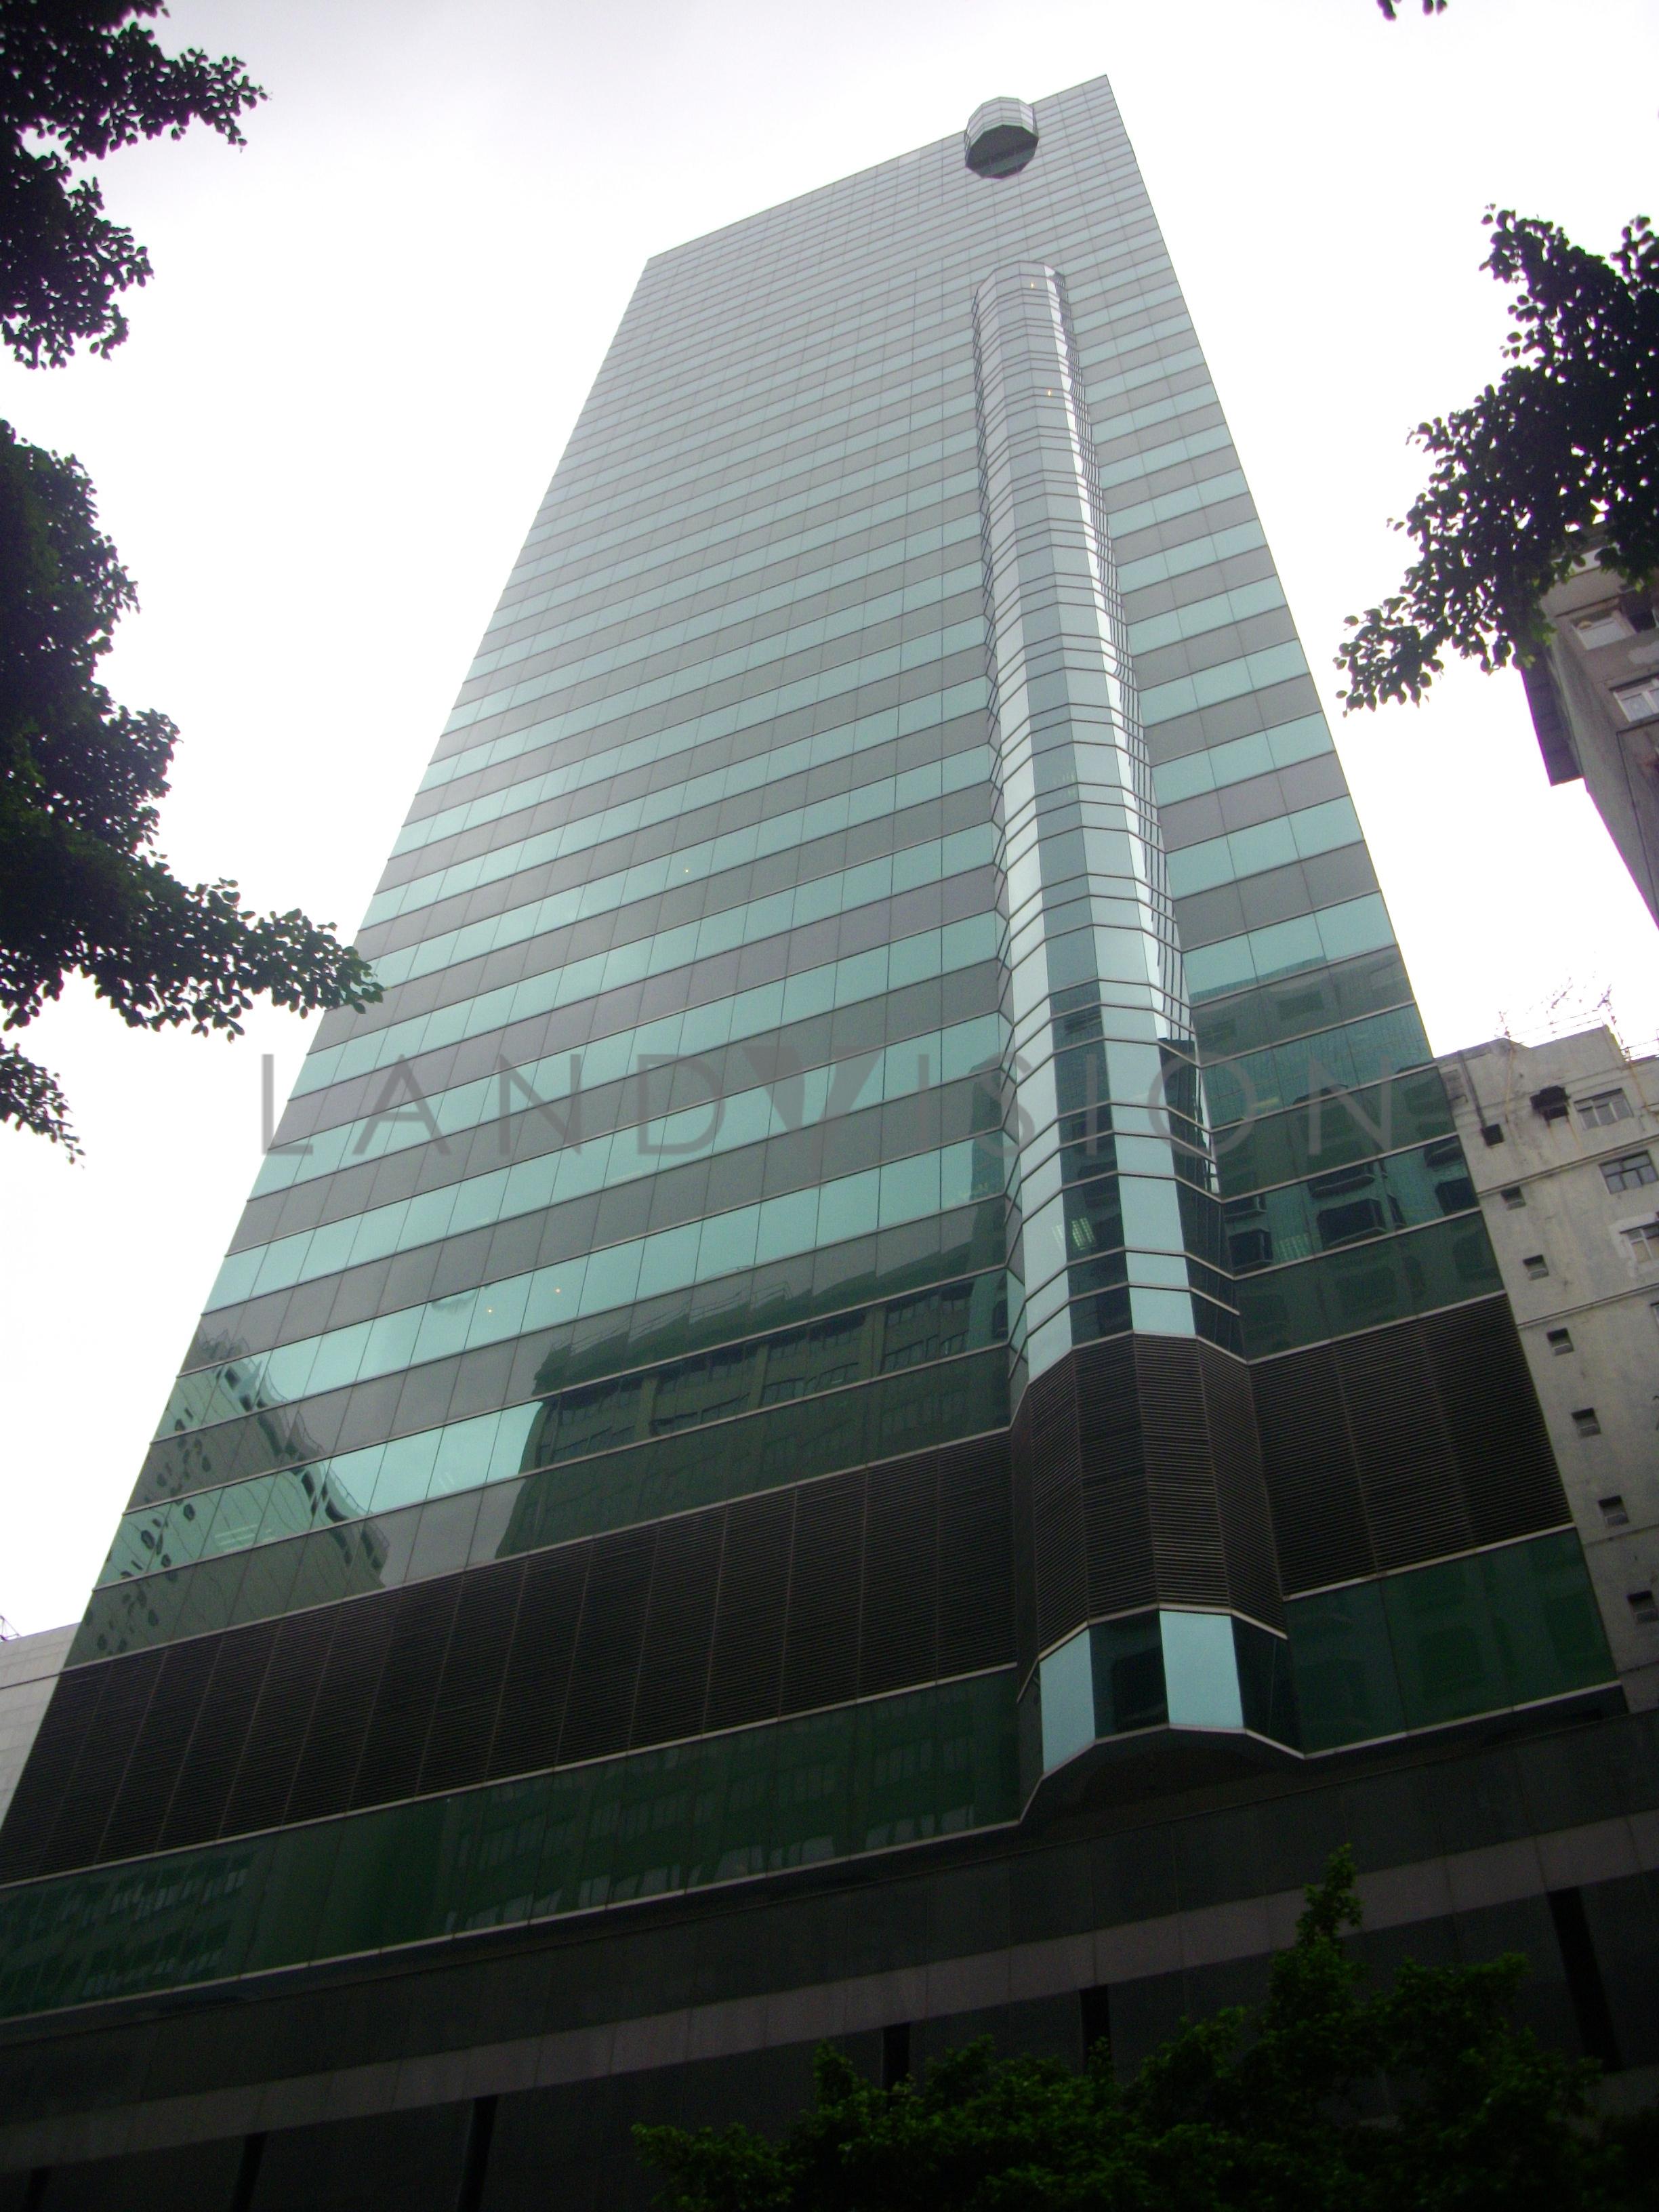 Asia Orient Tower  A,33 Lockhart Road, Wanchai, Hong Kong